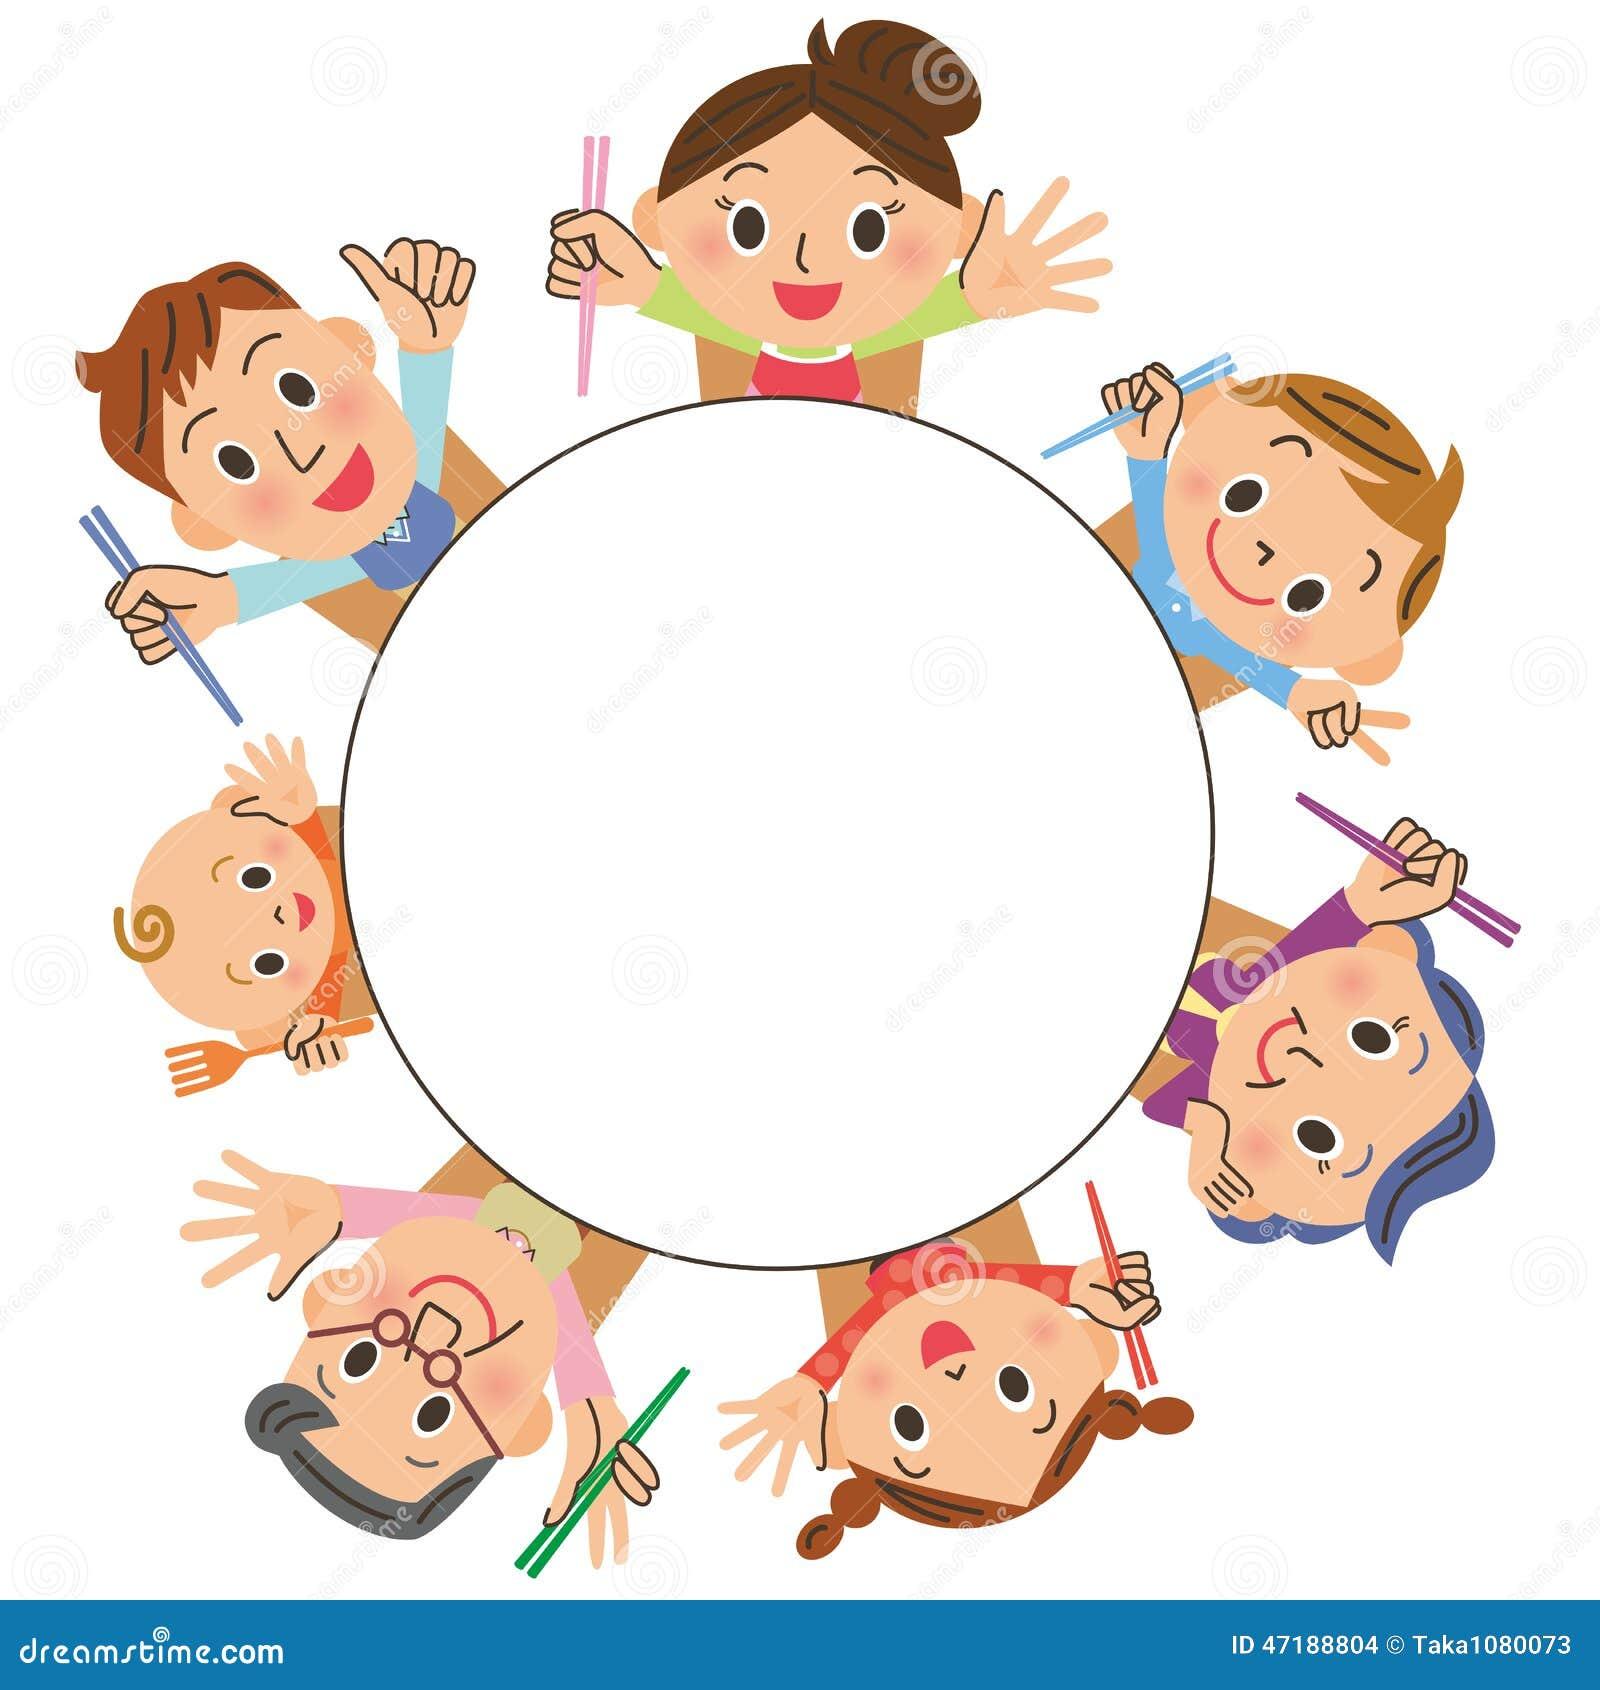 È Un Tavolo Da Pranzo In Famiglie Illustrazione Vettoriale Immagine  #B86013 1300 1390 Dove Mettere Il Tavolo Da Pranzo